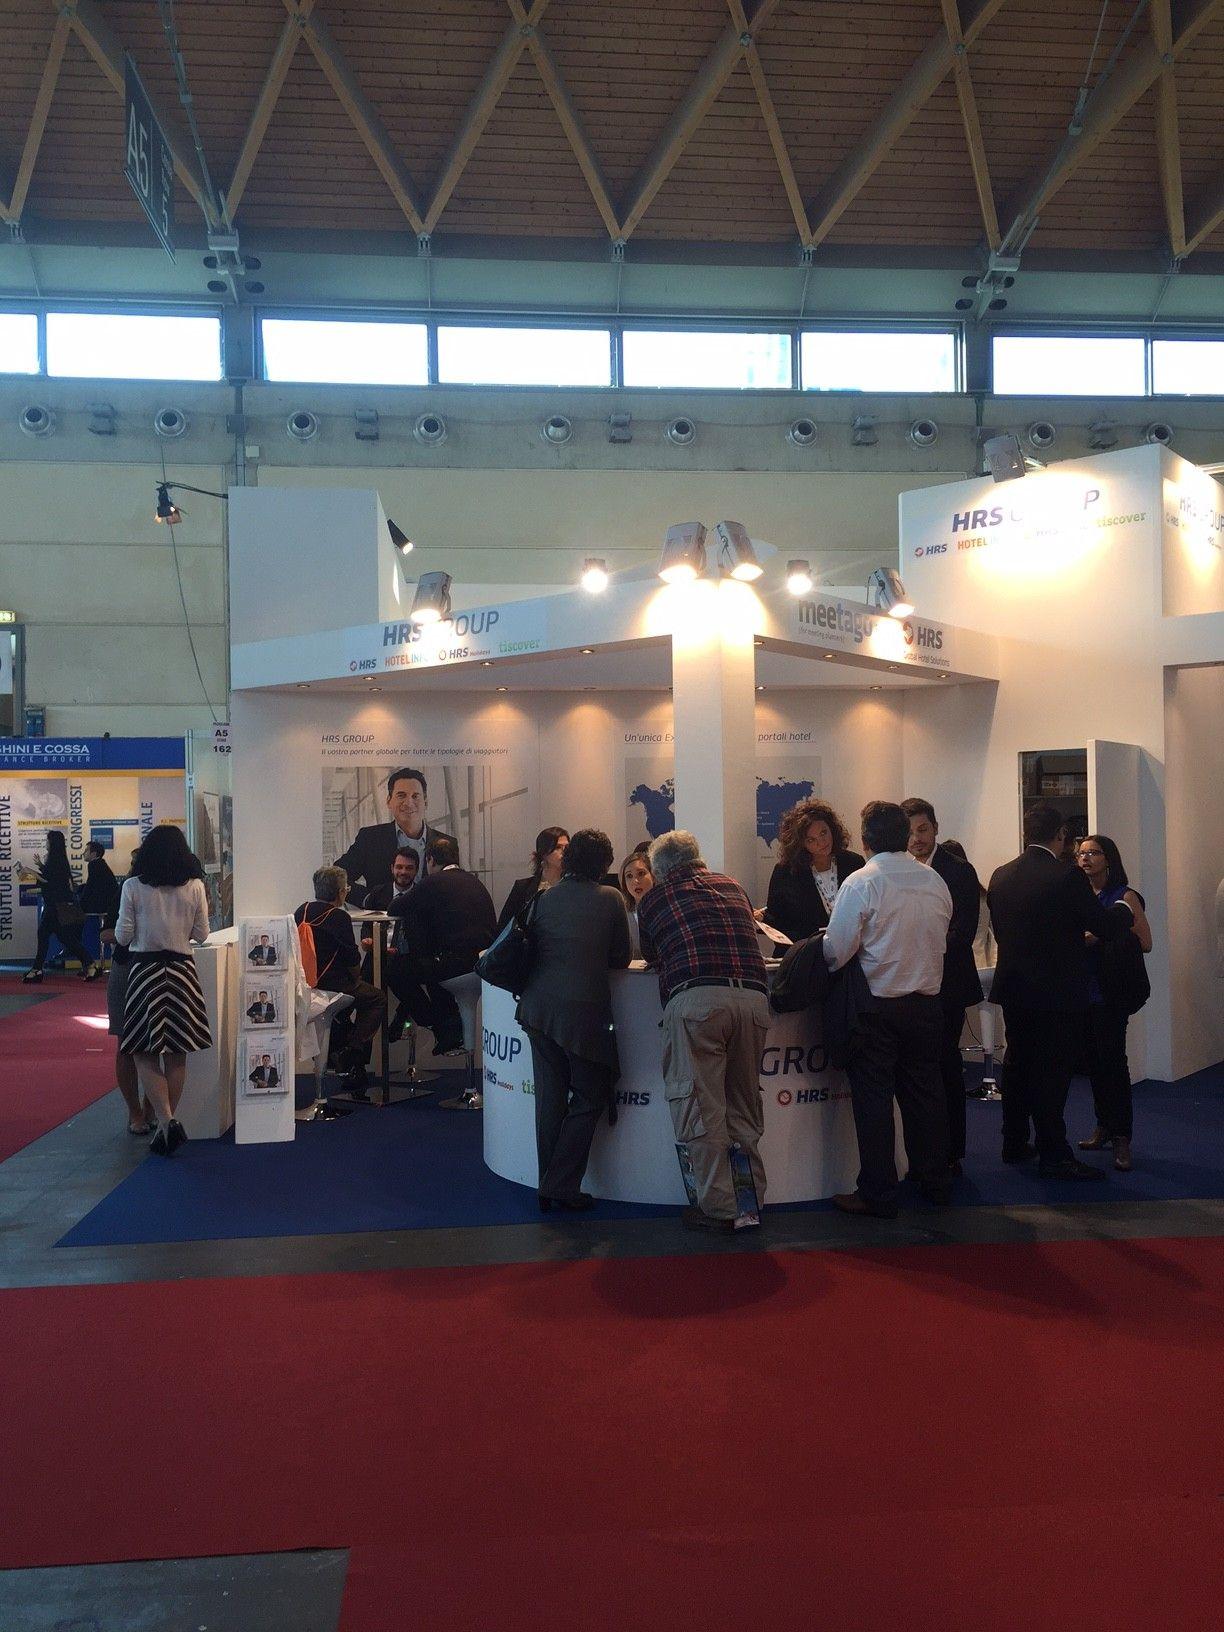 L'accoglienza con la HRS maiuscola al @TTGIncontri a @Riminifieraspa Padiglione A5, Corsia 4, Stand 162-163